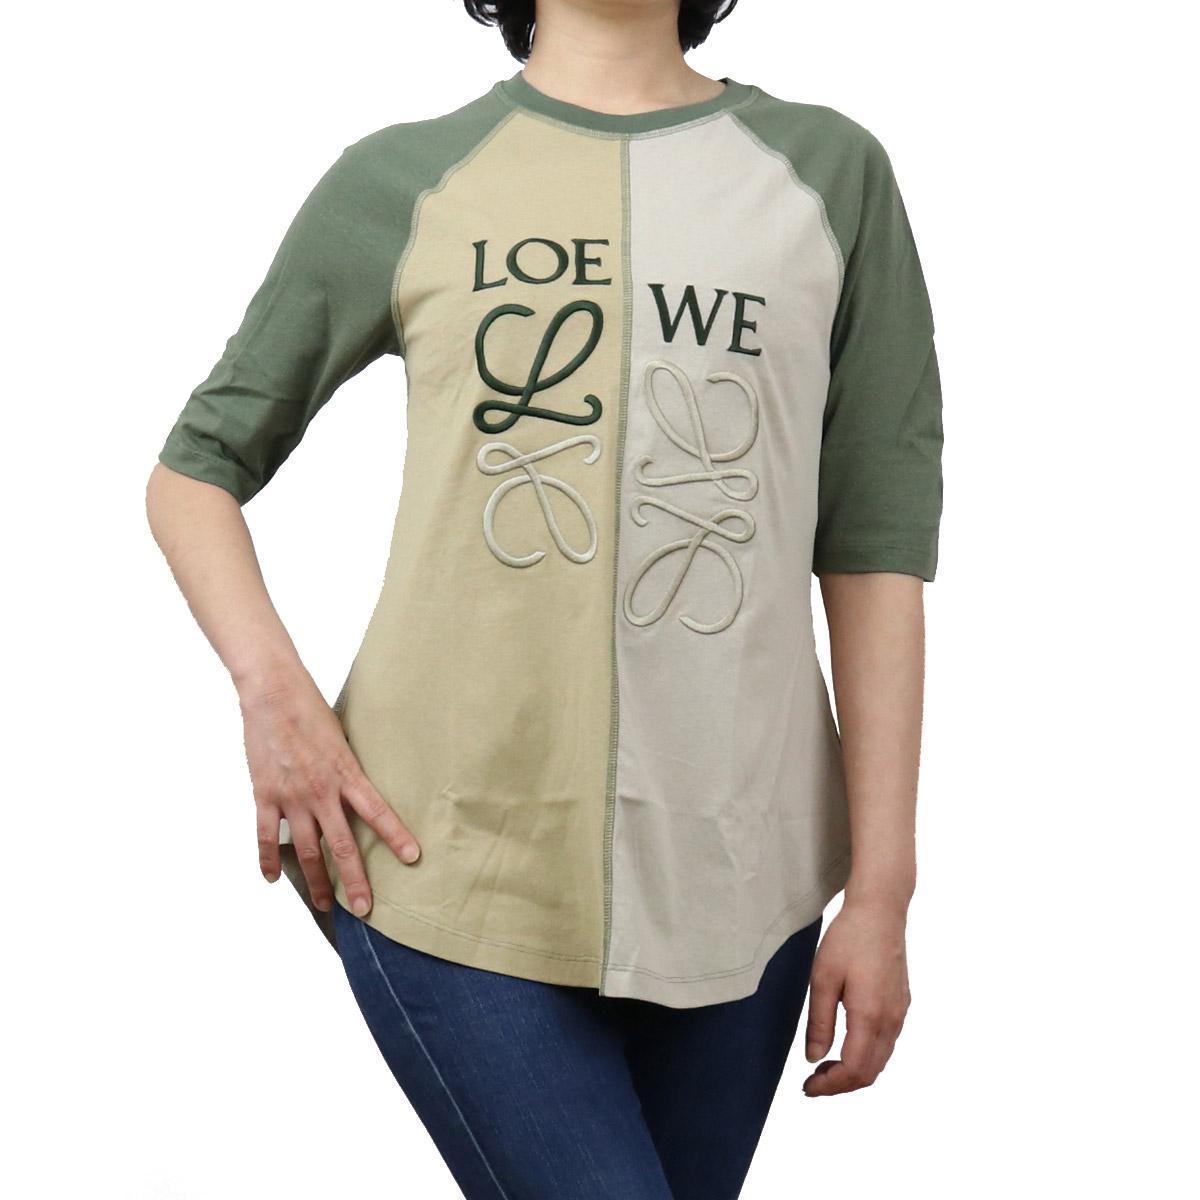 ロエベ LOEWE レディース-Tシャツ S540Y22J02 4167 マルチカラー bos-35 apparel-01 レディース